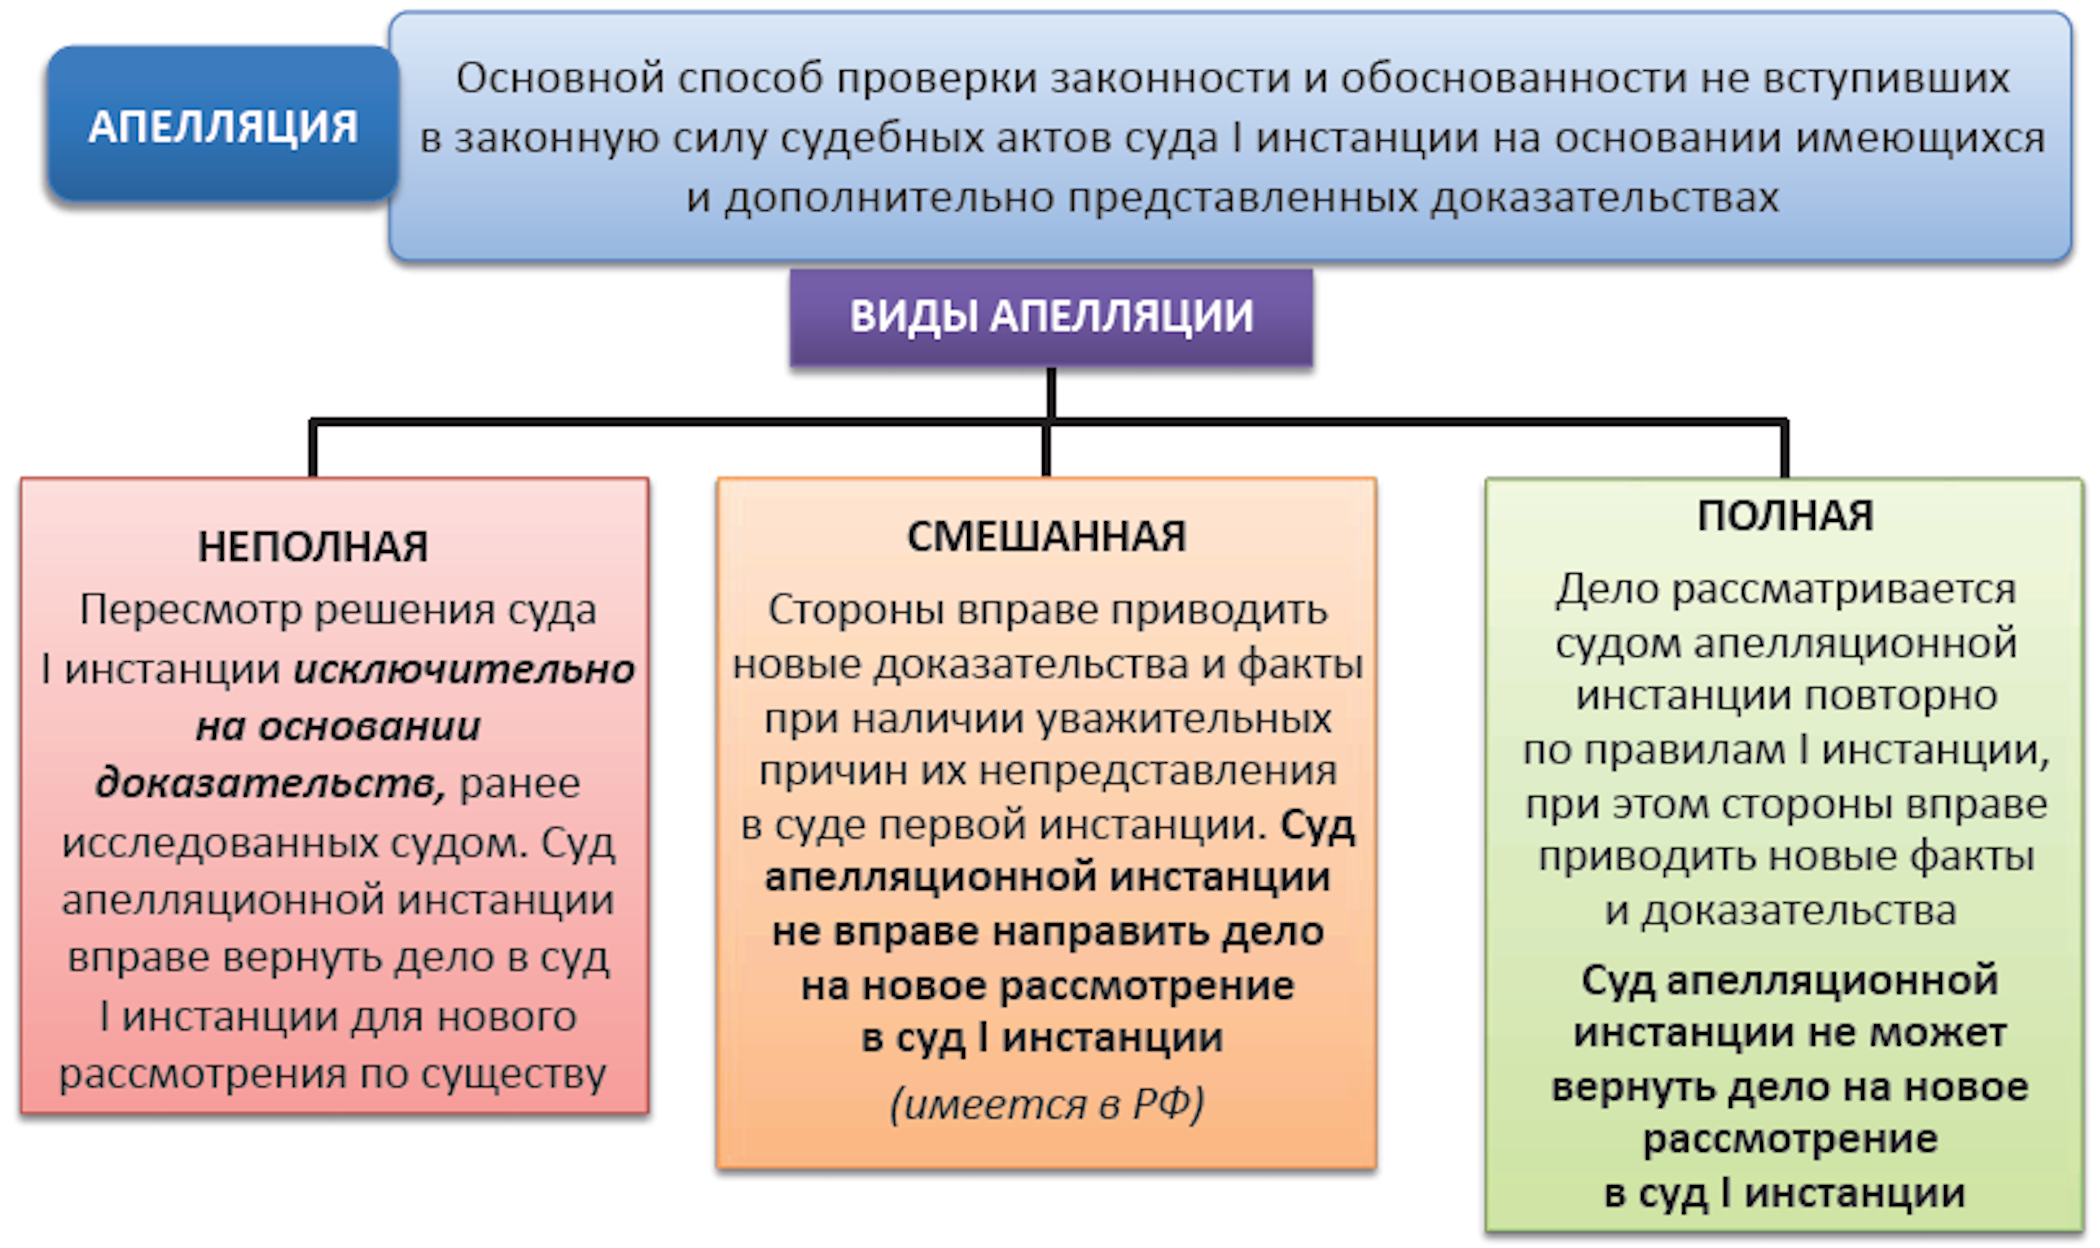 Общие критерии подведомственности дел арбитражным судам 2019- 2019